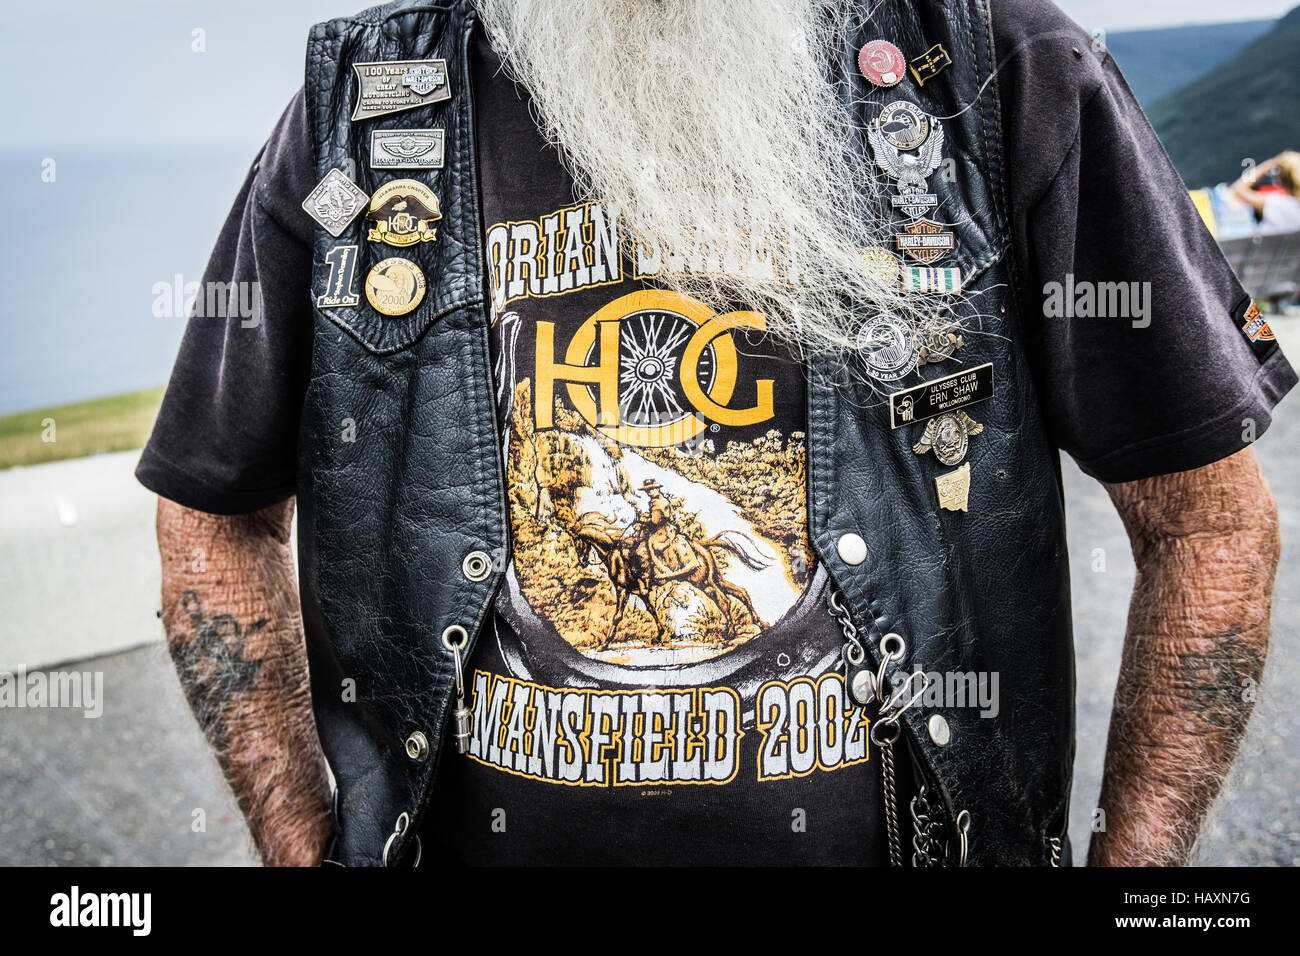 L'Australie une Harley Davidson rider. Cet homme avec une longue barbe était membre de la le Club Ulyssees Photo Stock